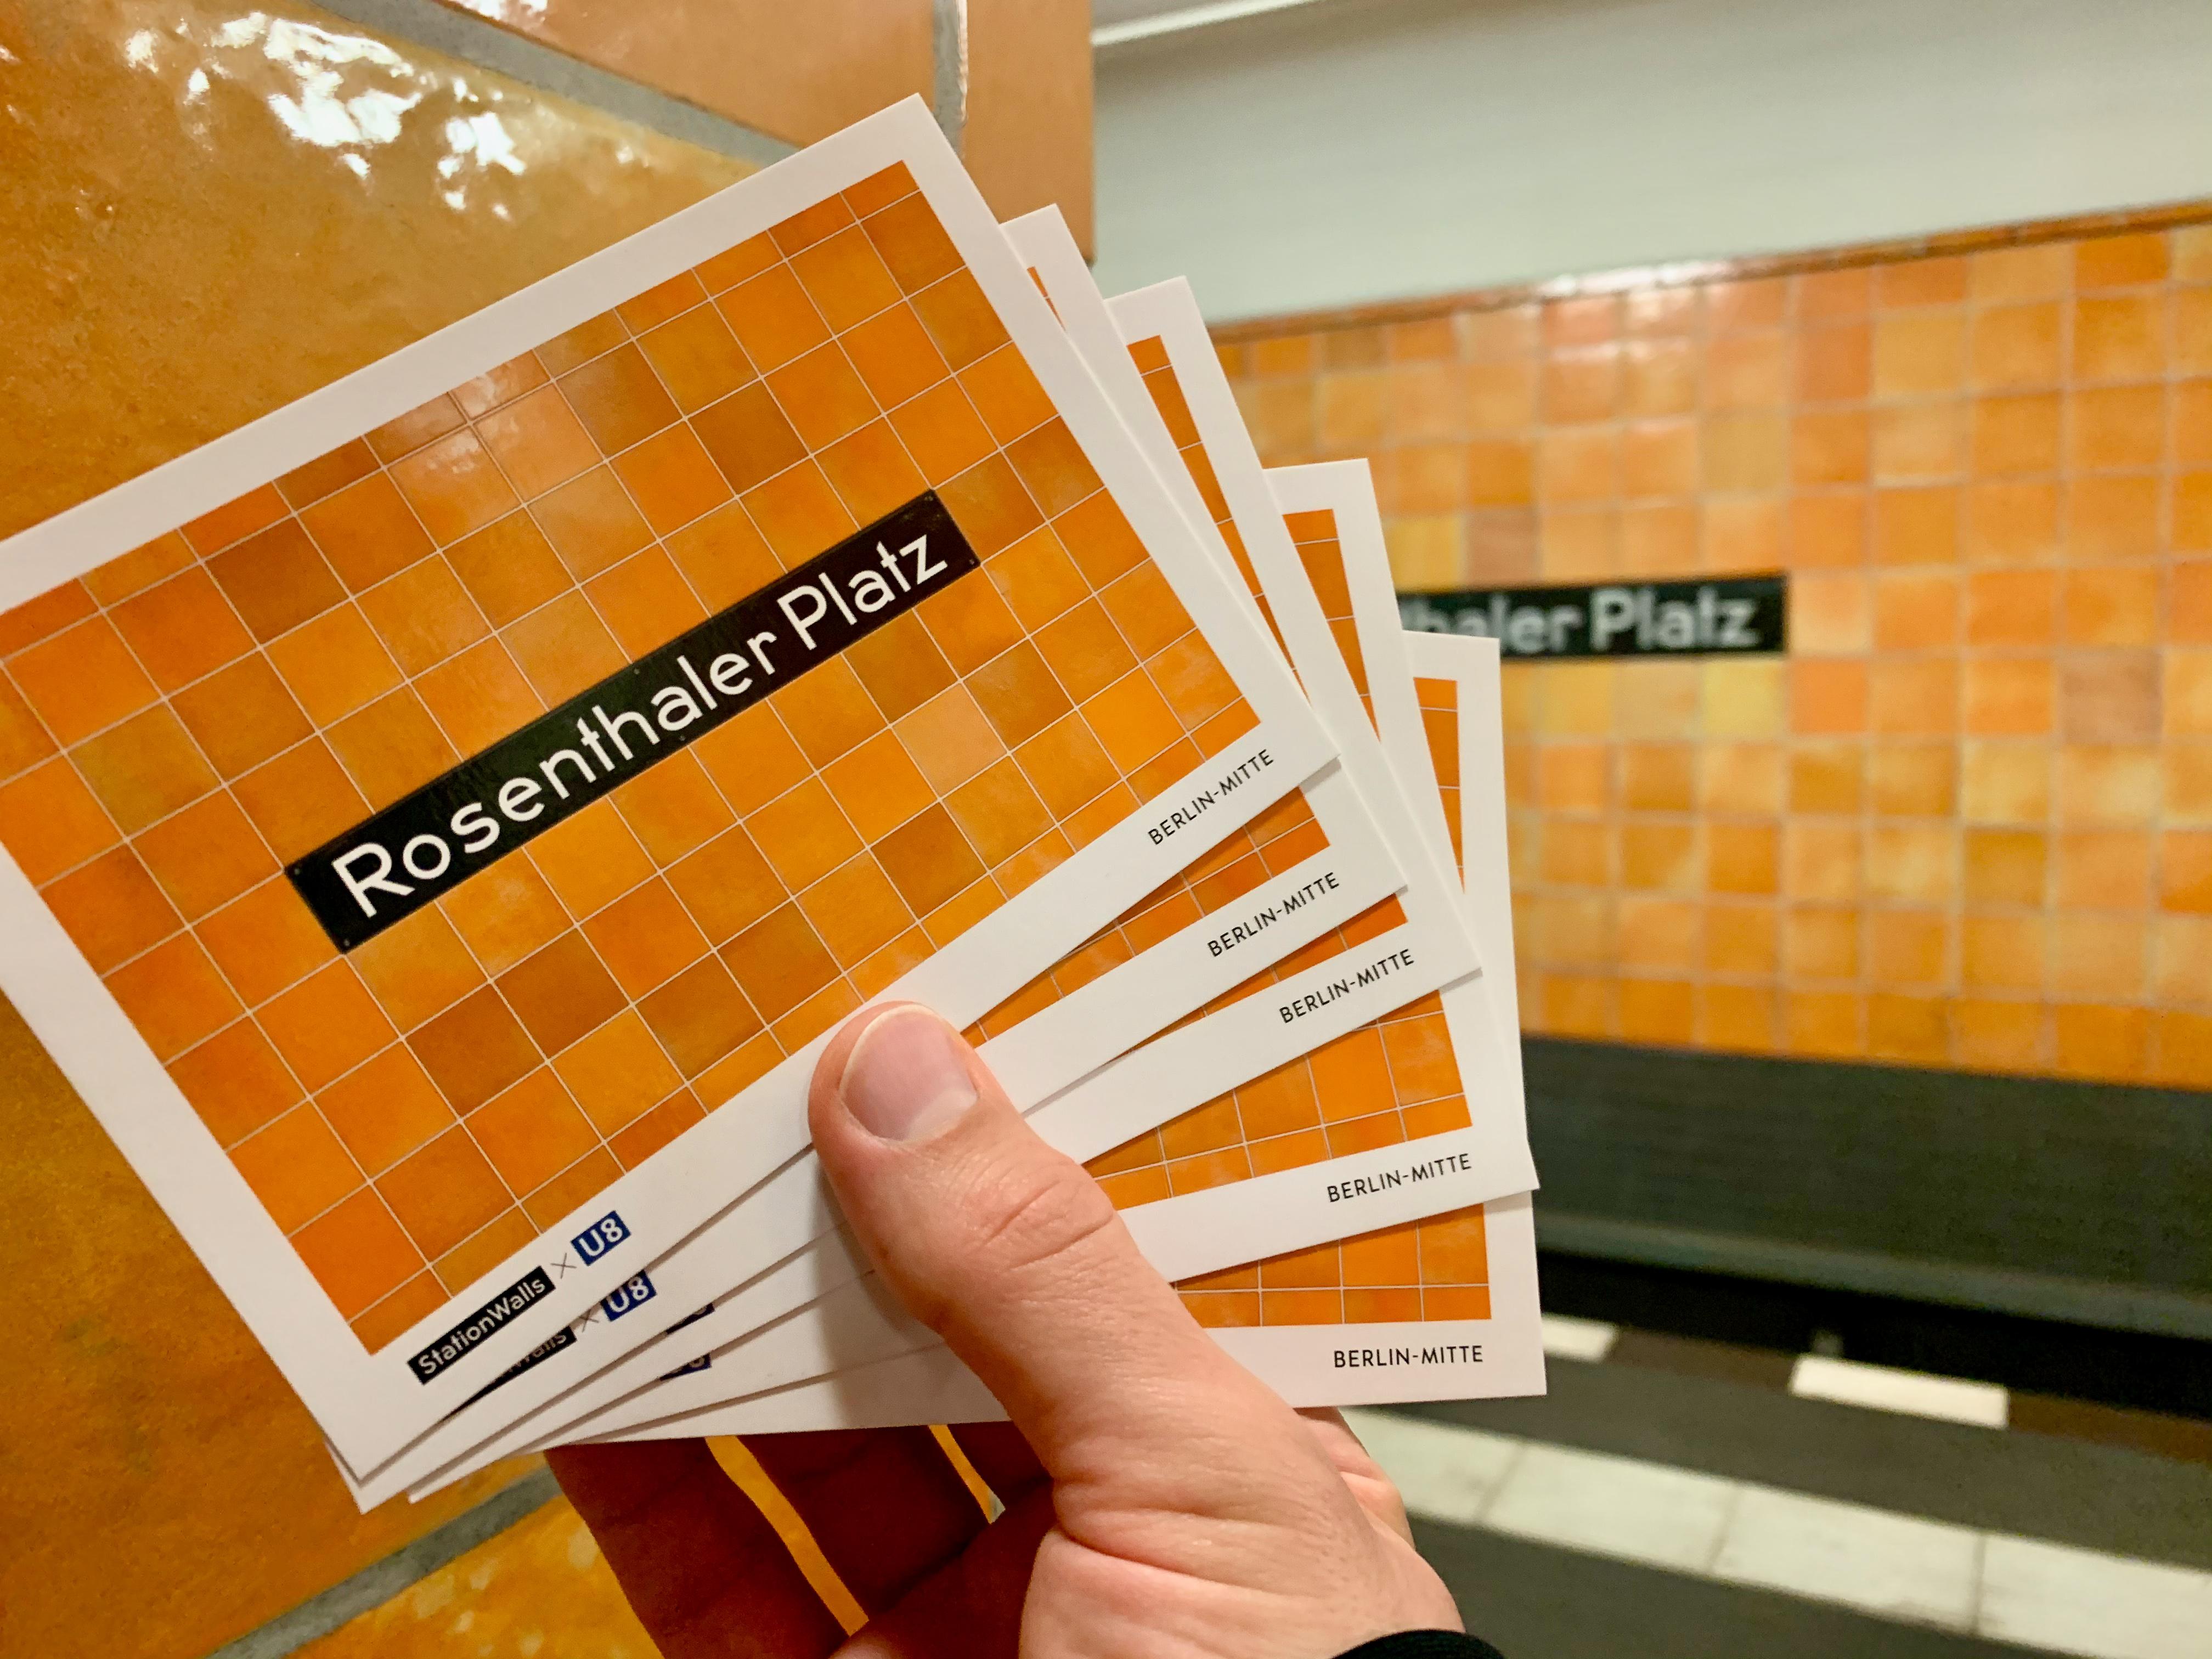 5 orange Postkarten im U-Bahnhof Rosenthaler Platz (Berlin-Mitte)